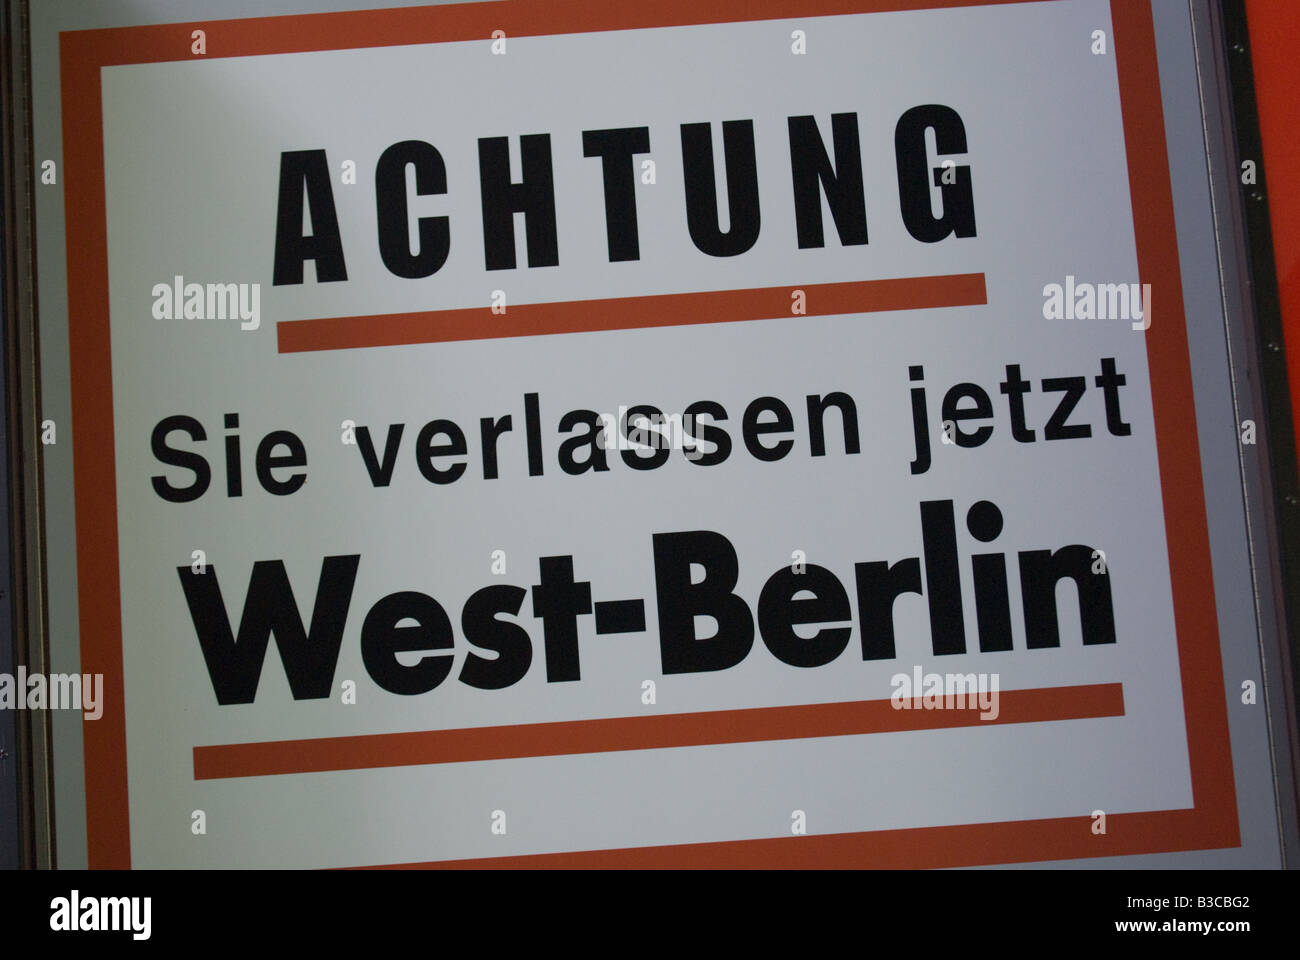 Señal de alerta en lengua alemana dejando Berlín oeste Imagen De Stock